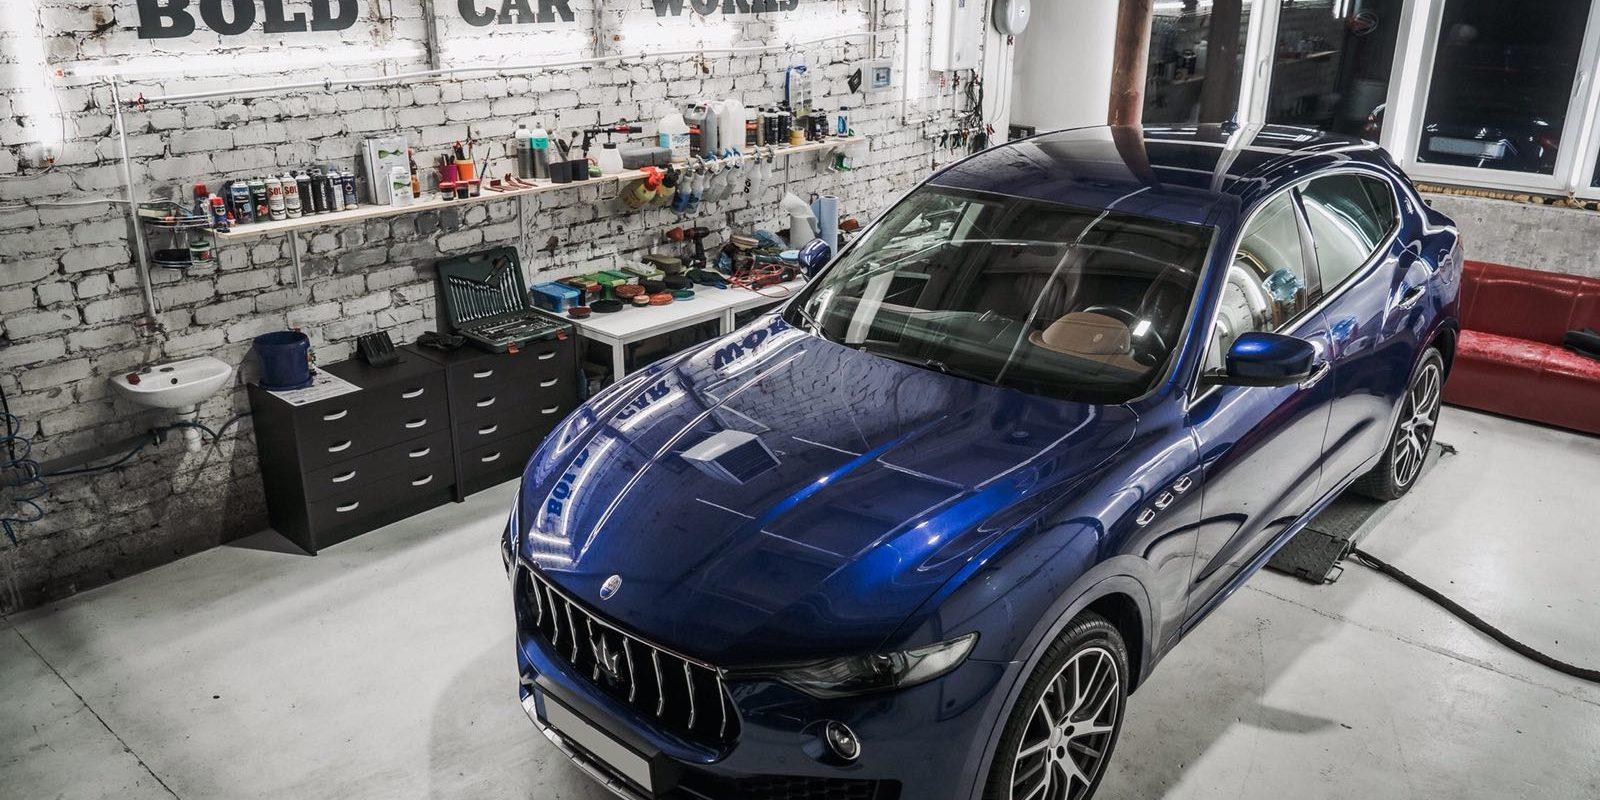 MASERATI LEVANTE GRAN LUSSO Bold Car works